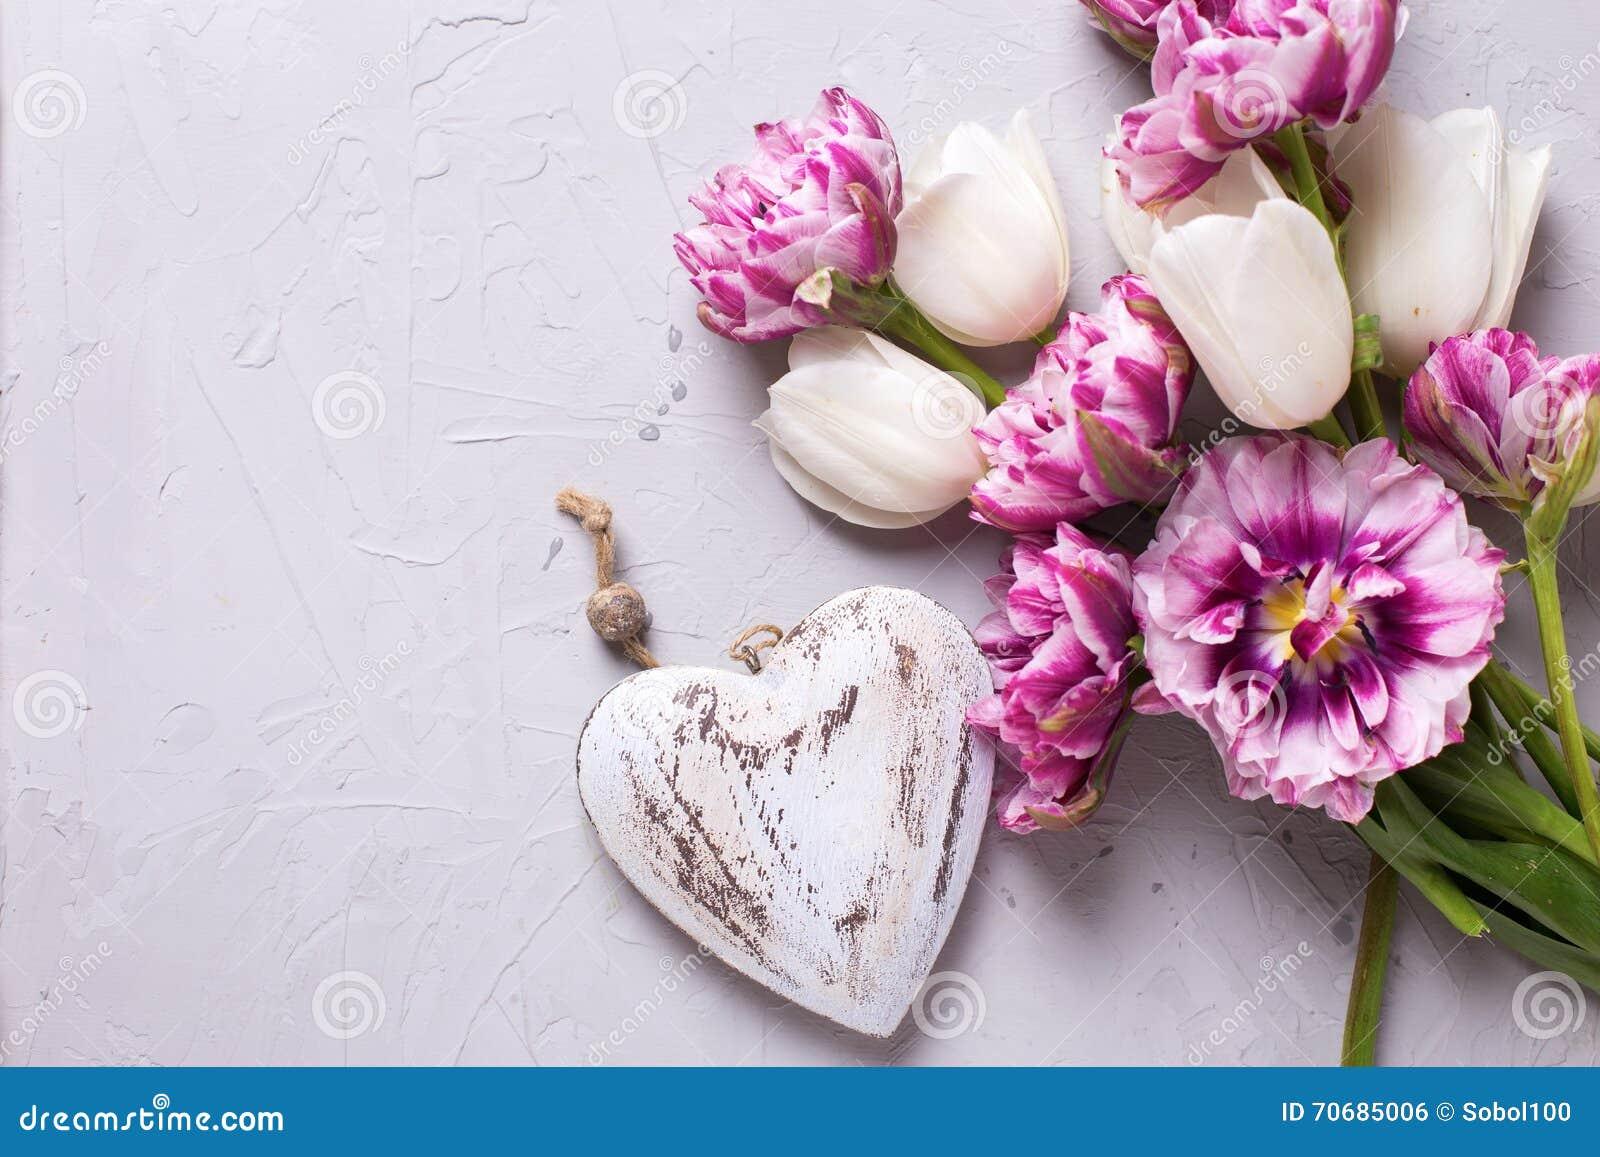 Fiori Bianchi Per Te Testo.Fiori Bianchi E Viola Dei Tulipani E Cuore Decorativo Su Te Grigio